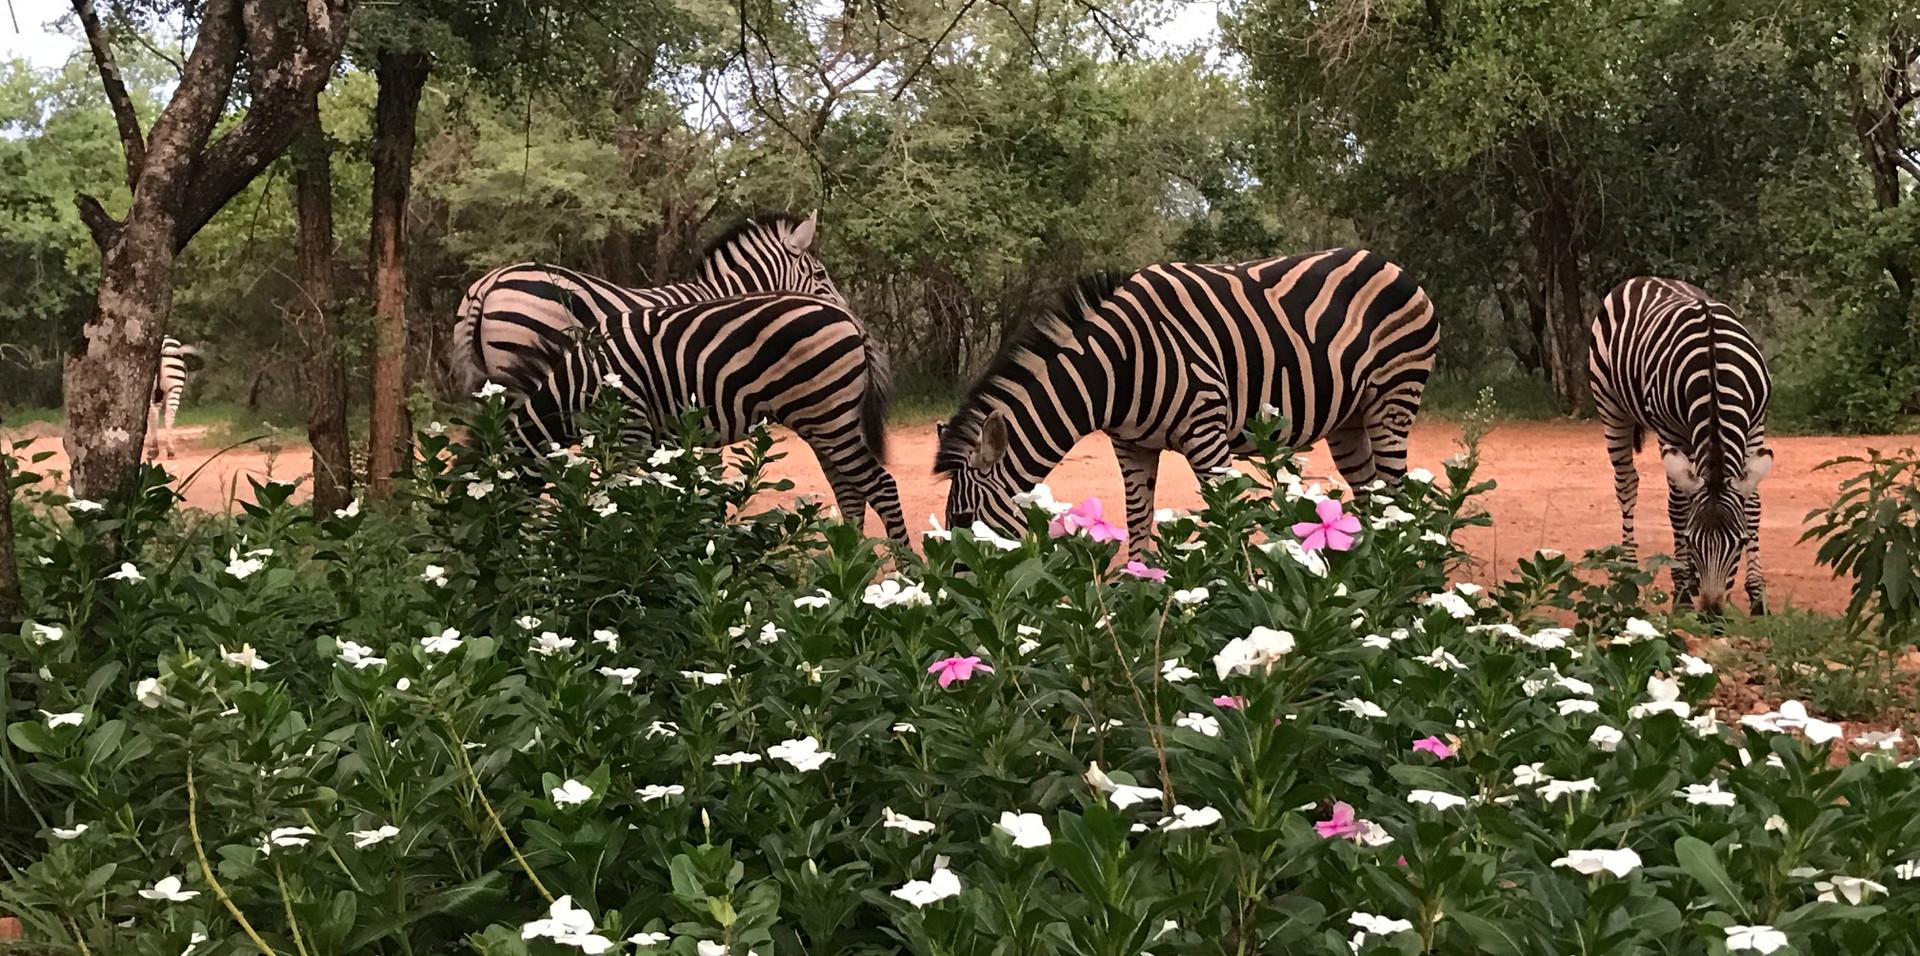 Zebras at Tusk Bush Lodge